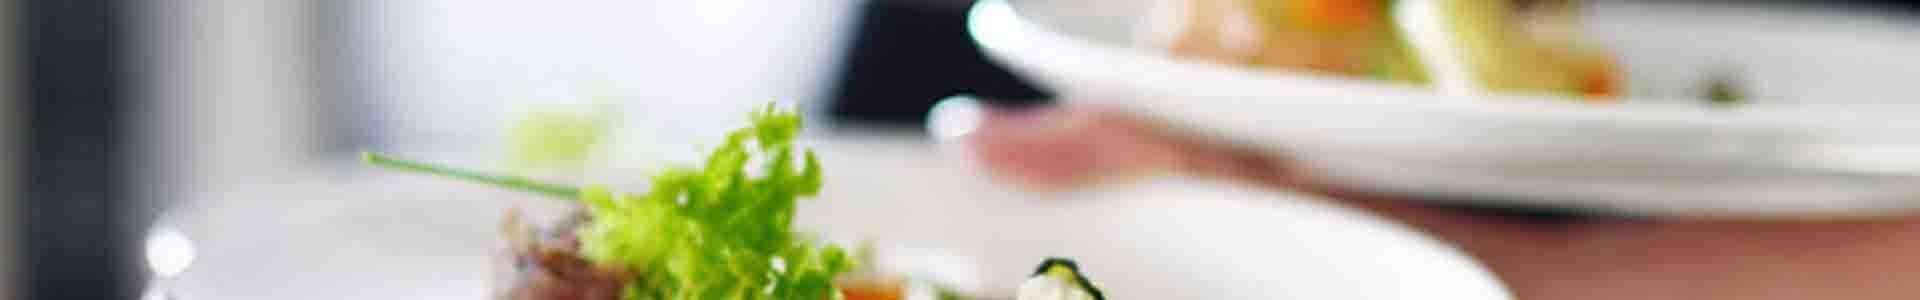 Geschirr und küchenutensilien für den gastronomie -